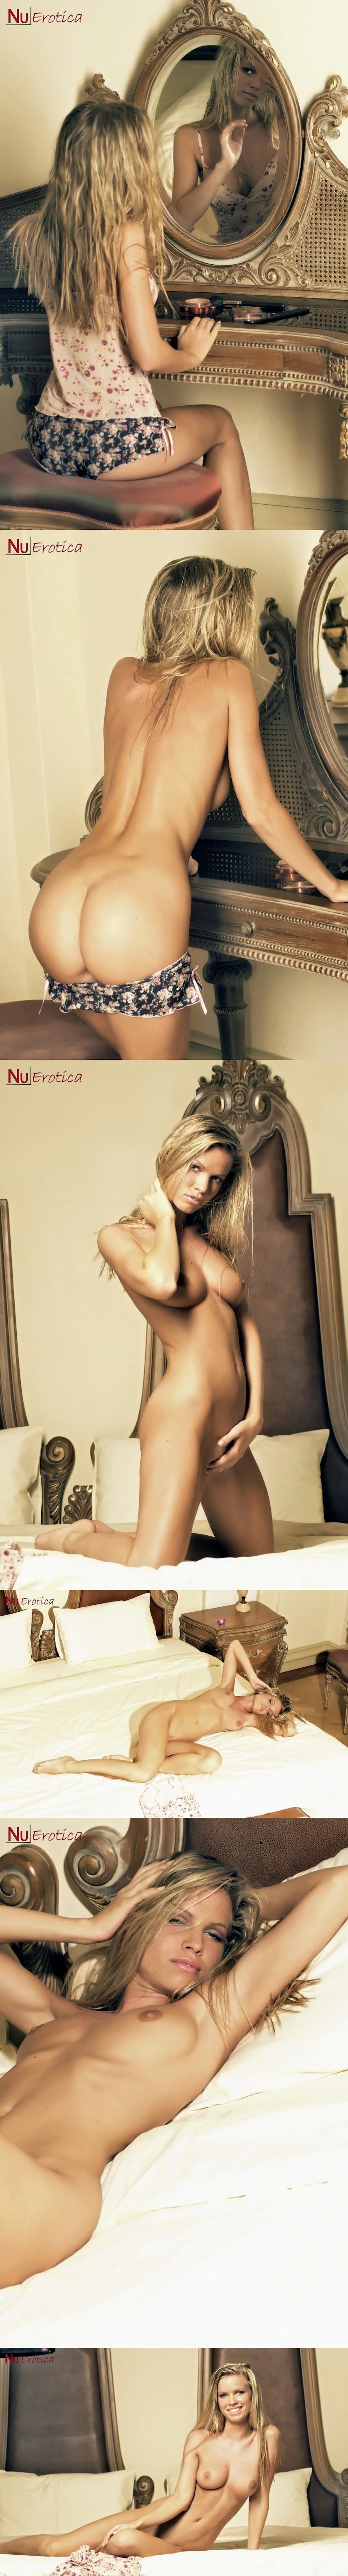 NuErotica 2015-08-15 Marketa Belonoha - Marketa Hot Blonde Gets Nude